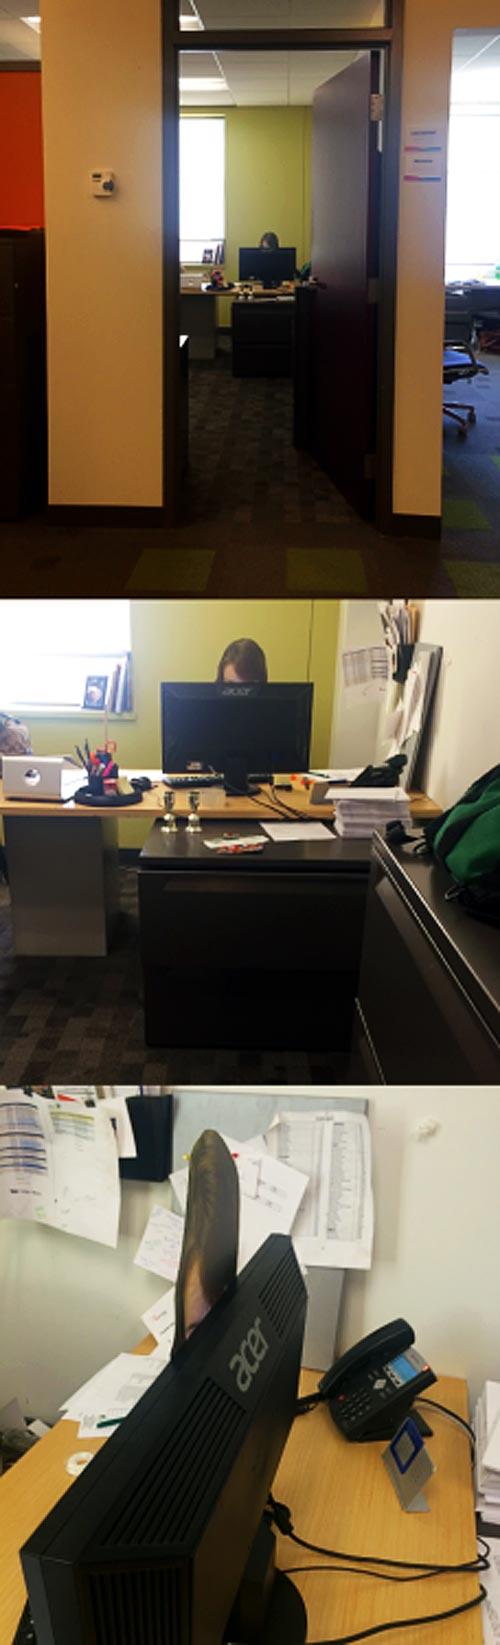 熱心に仕事してる人がいる(ように見える)オフィス